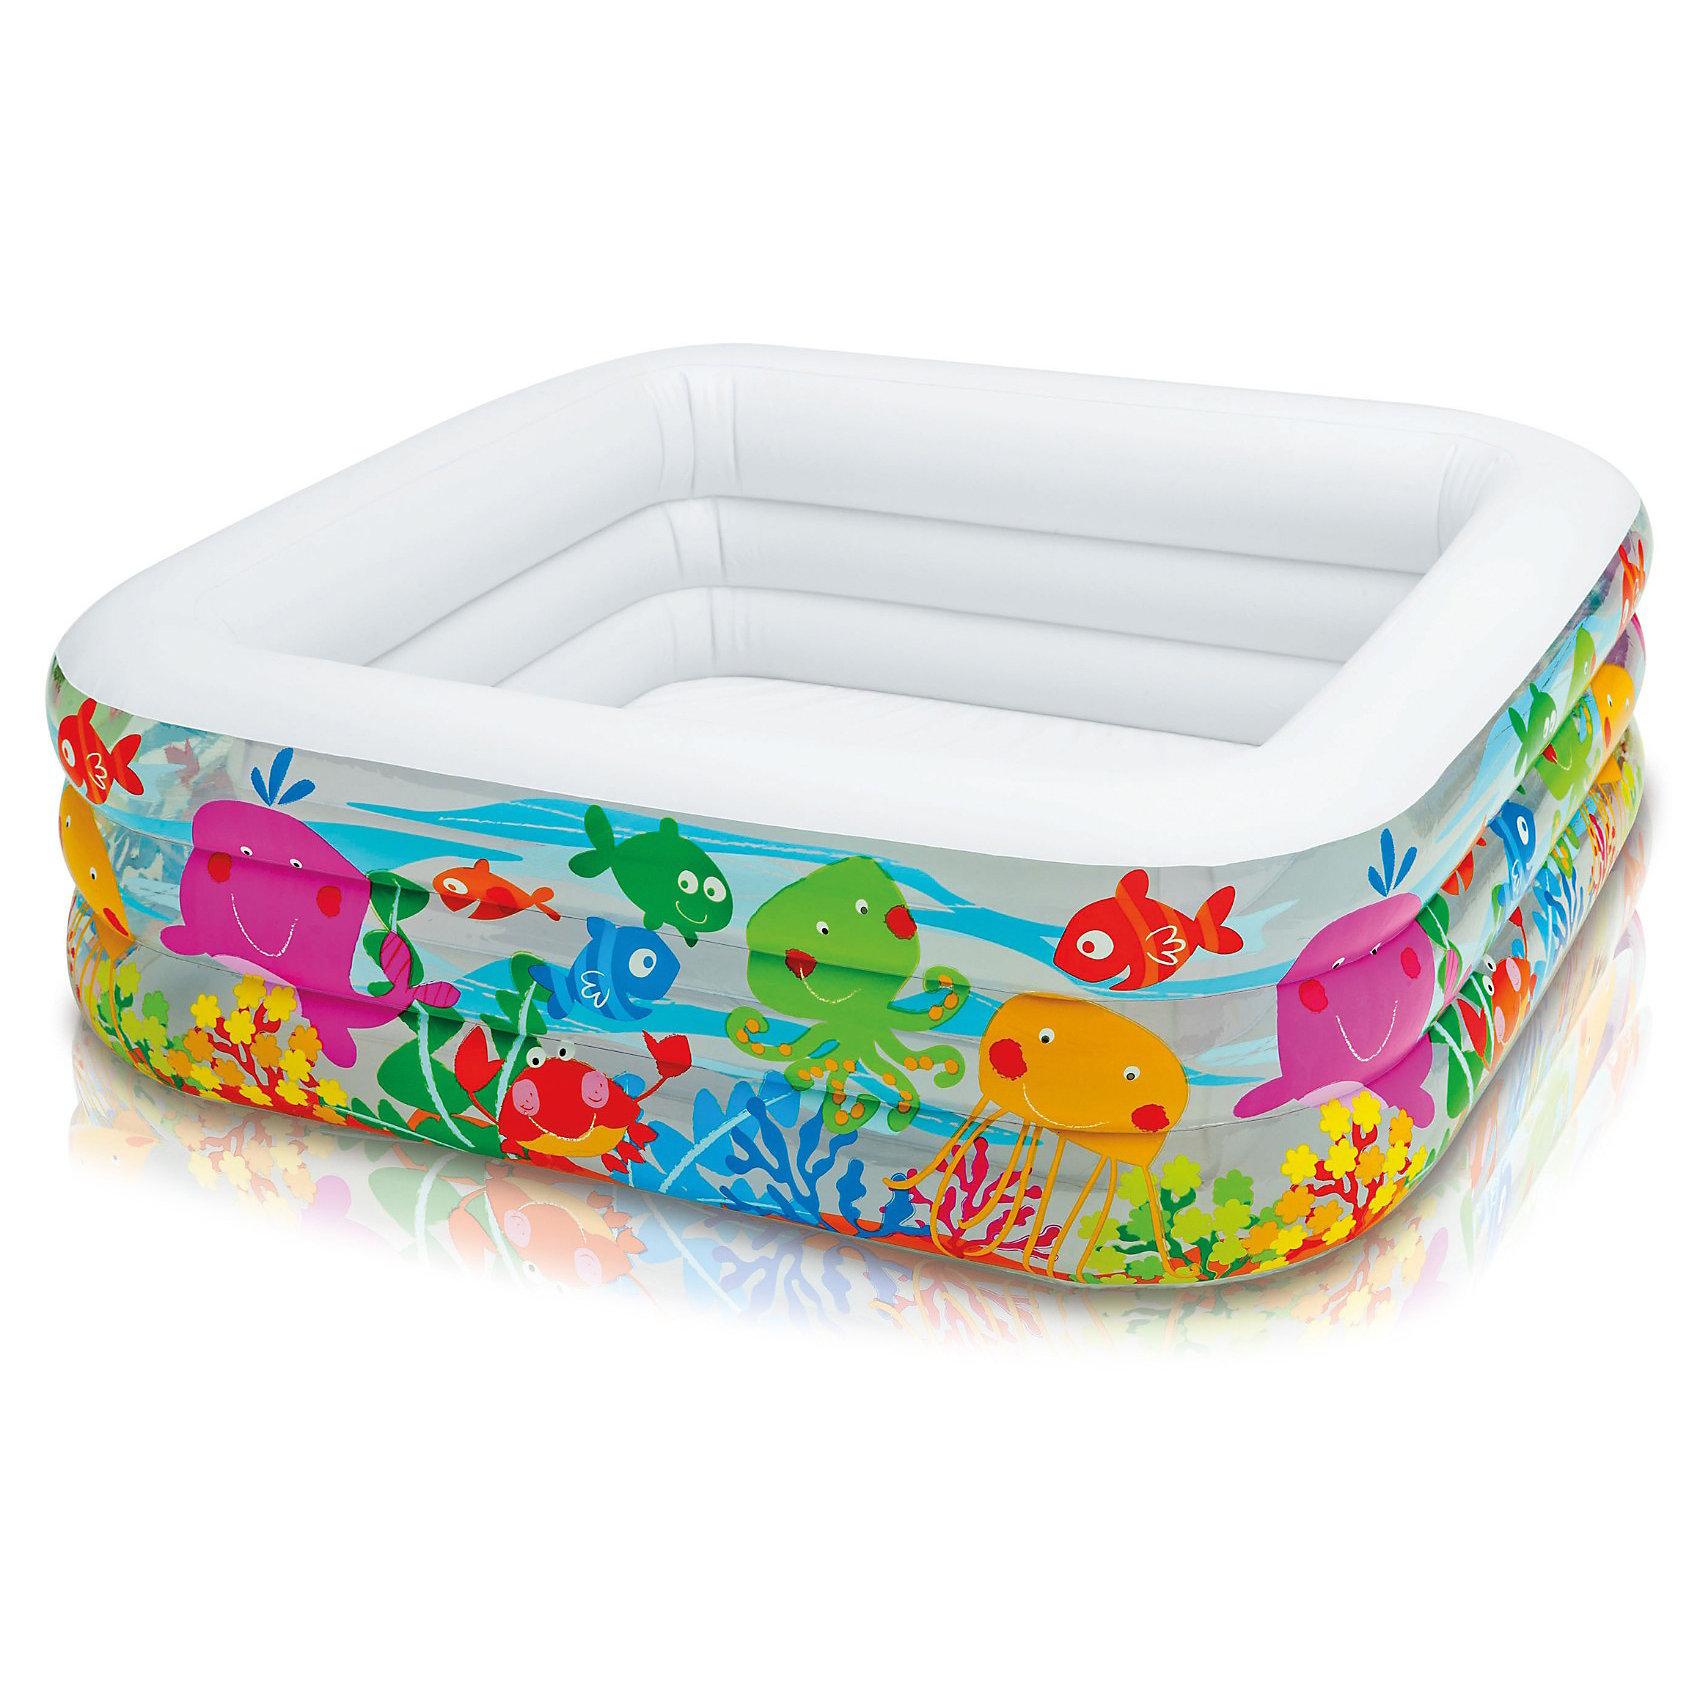 все цены на Intex Надувной детский бассейн 57471NP онлайн